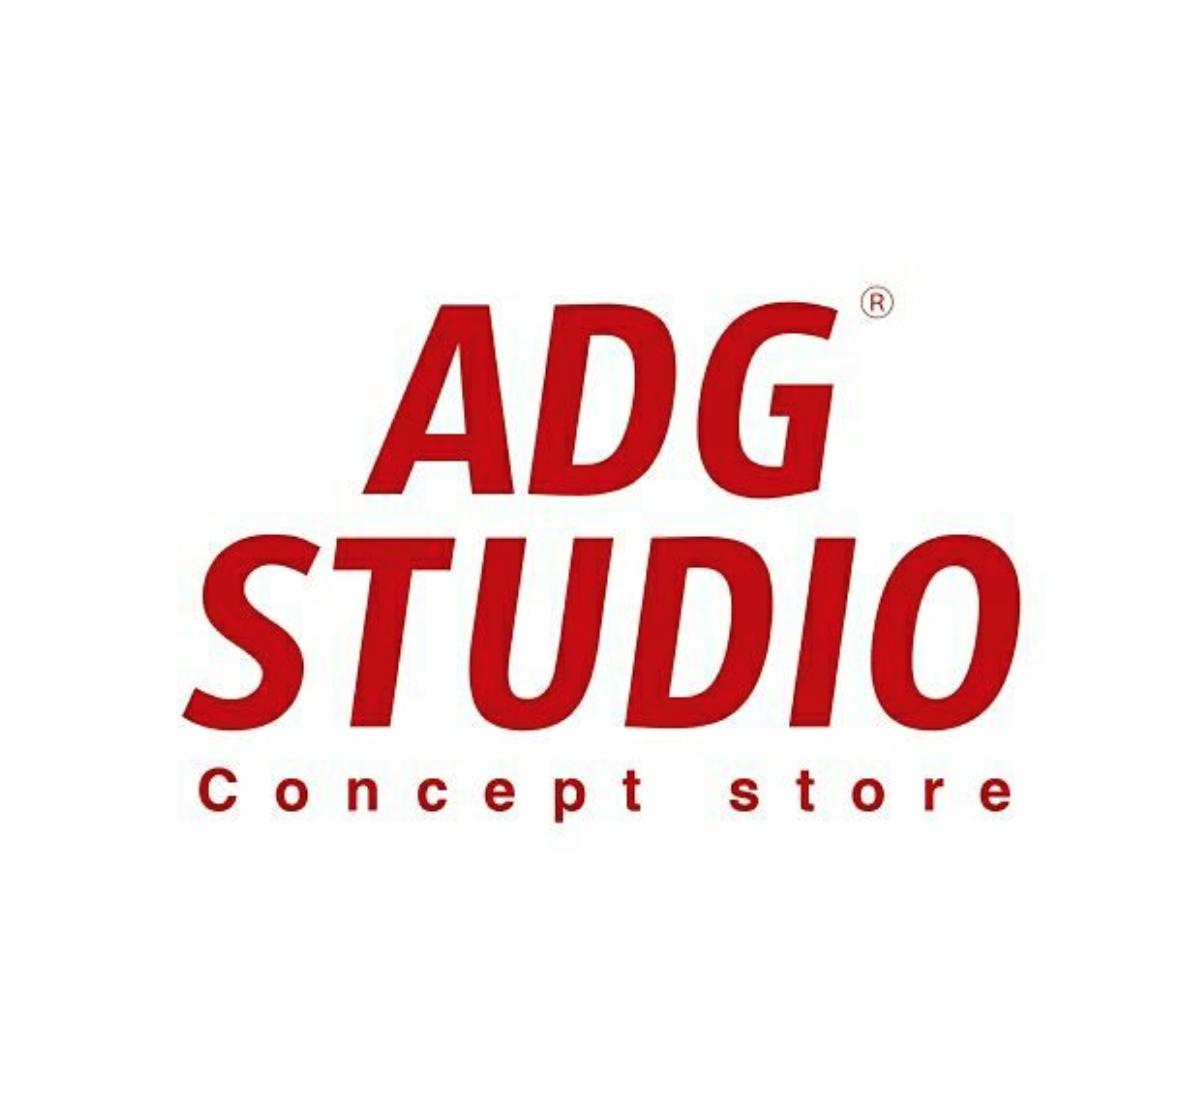 ADG Studio - ÔMagazine